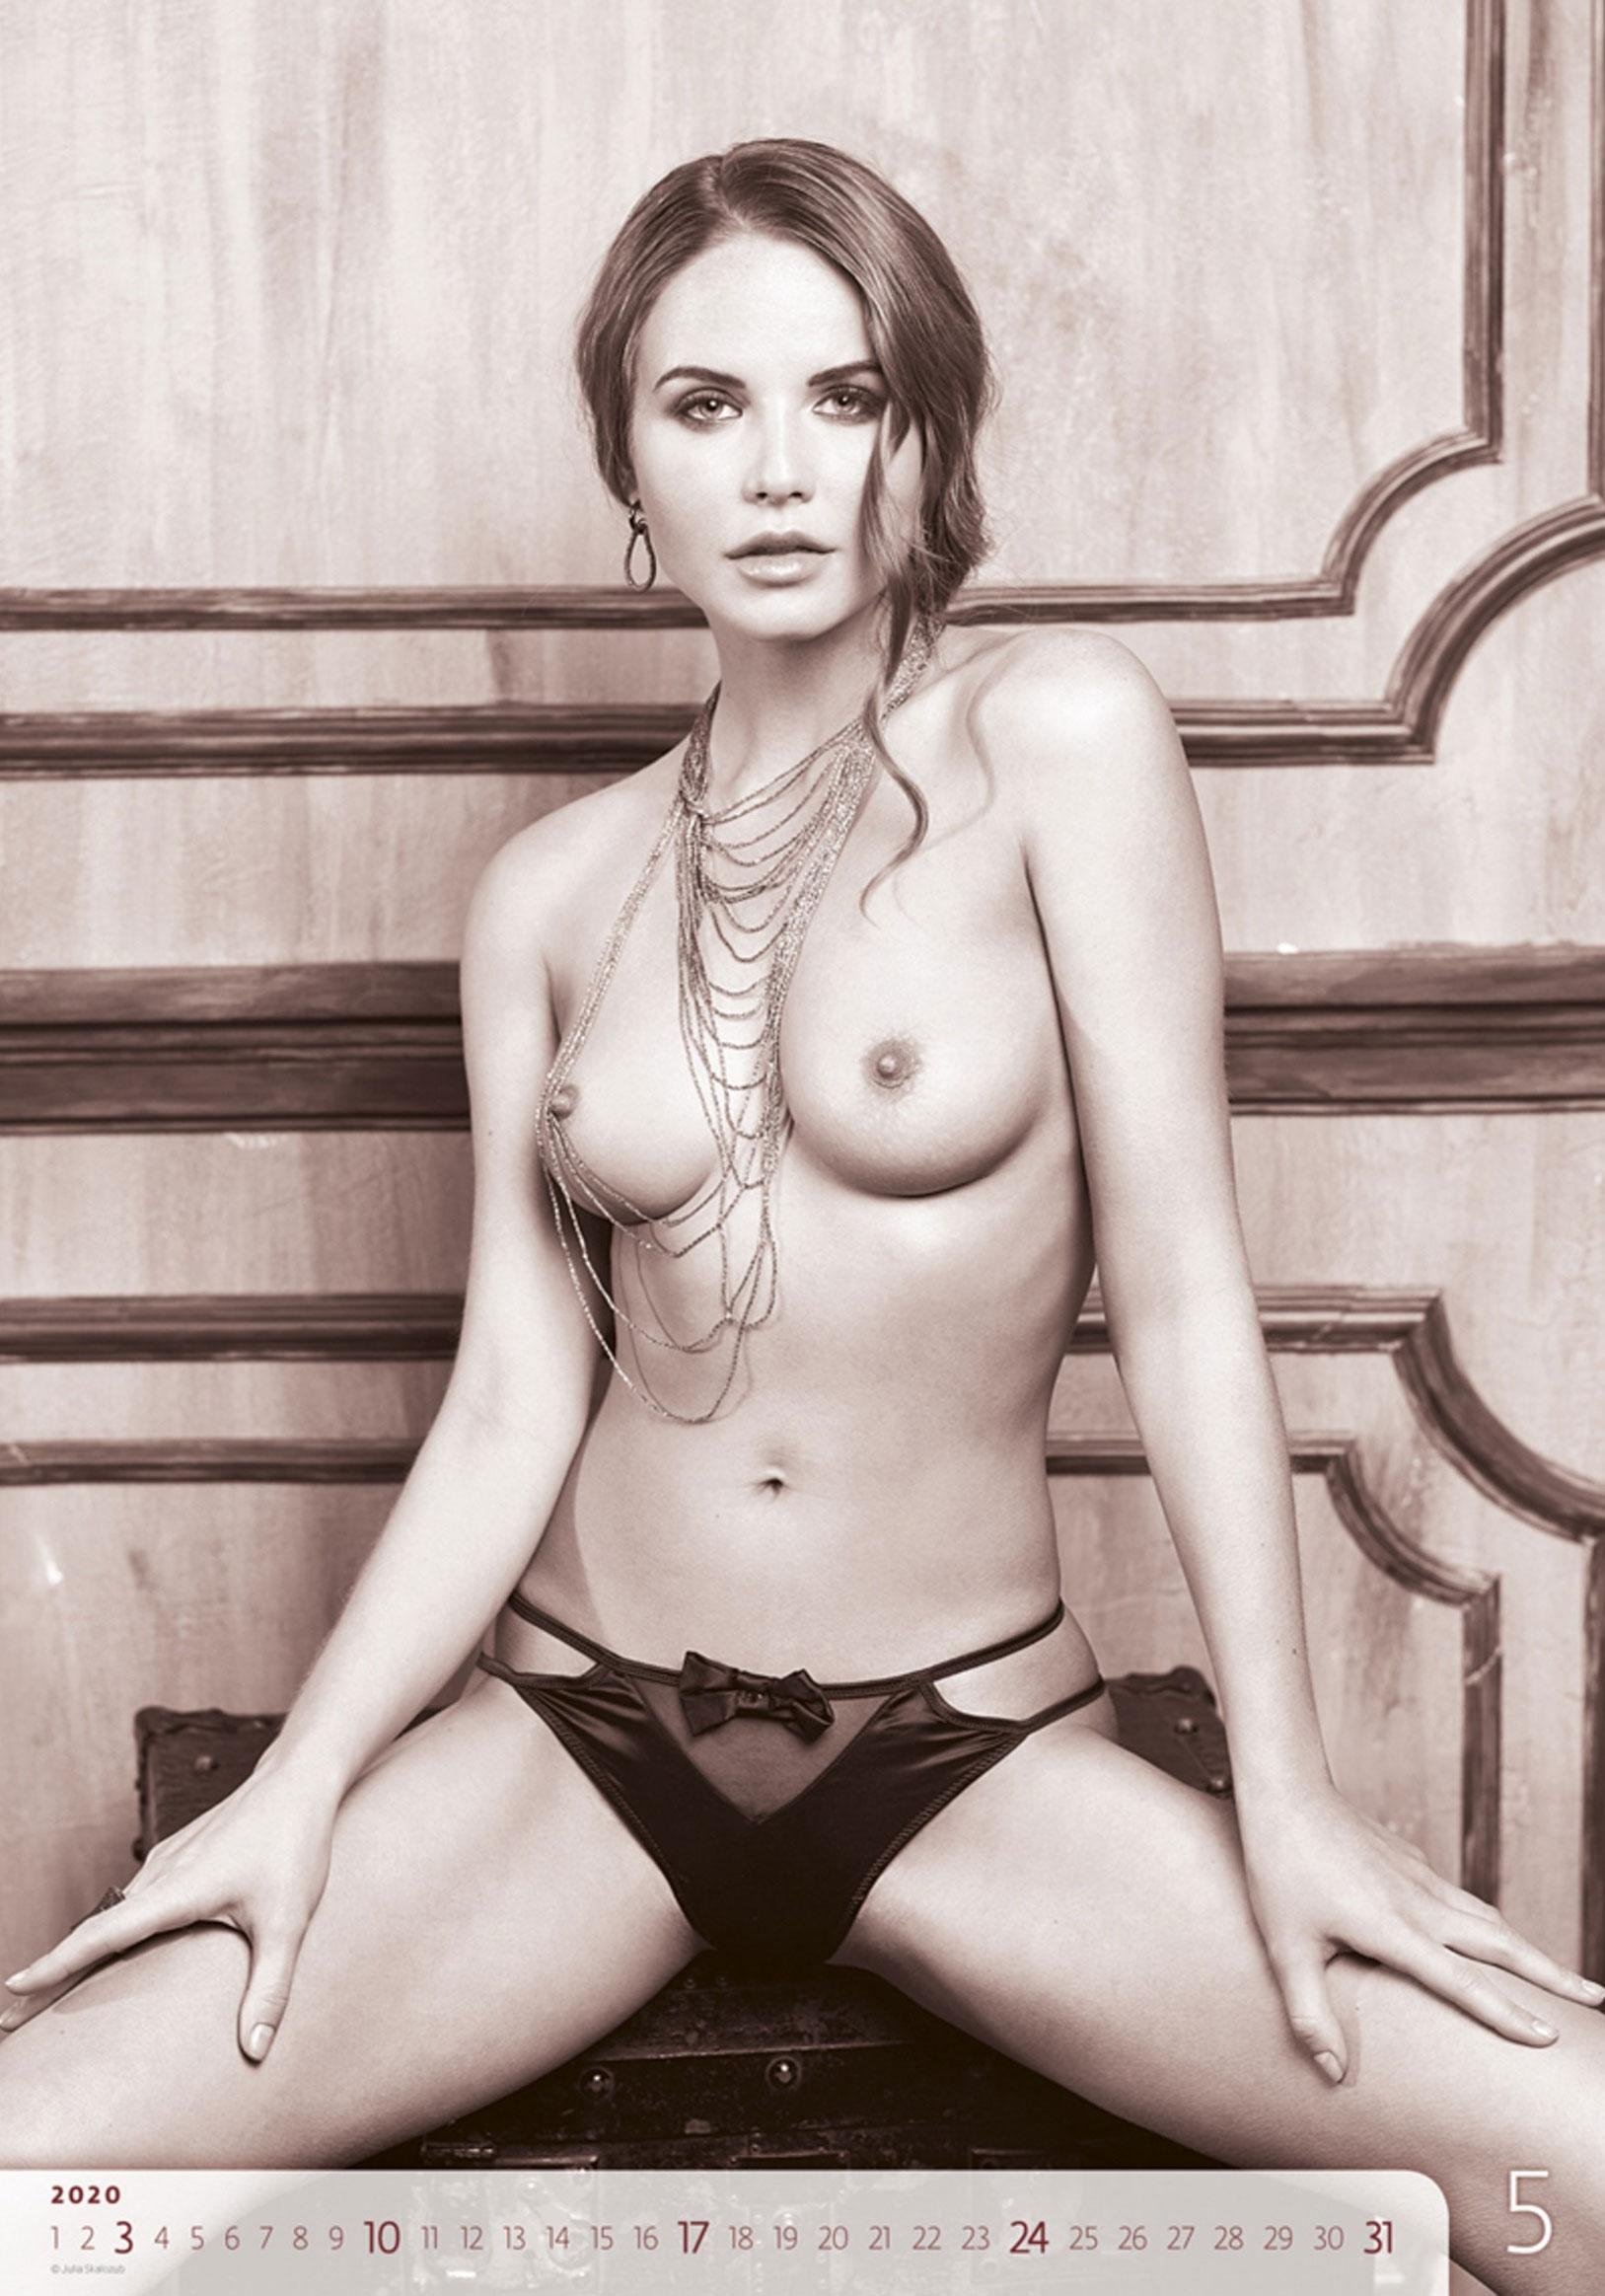 Сексуальные голые девушки в календаре на 2020 год, фотограф Юлия Скалозуб / май